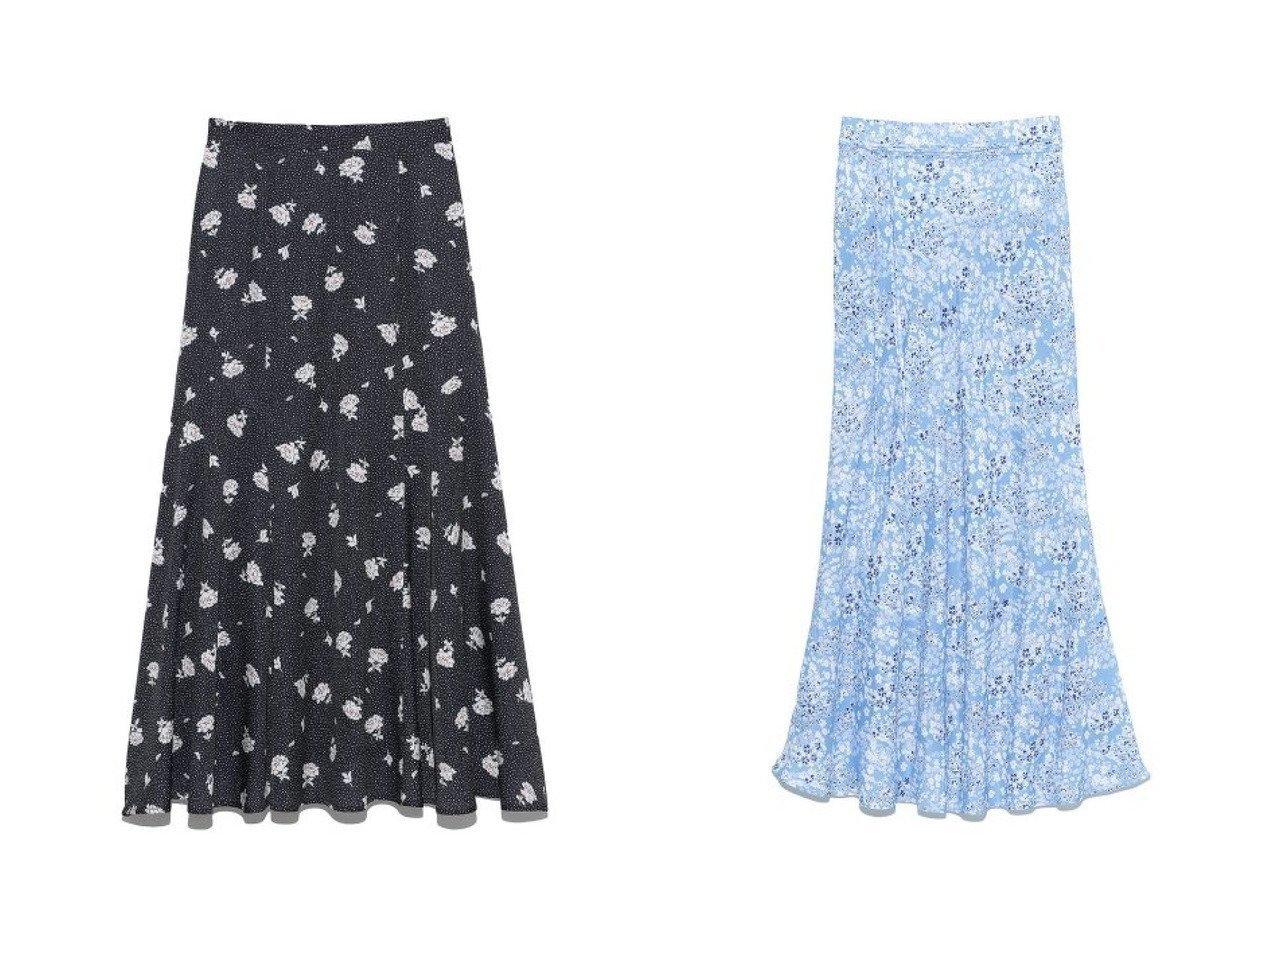 【Lily Brown/リリーブラウン】のドットフラワースカート&【Mila Owen/ミラオーウェン】のマーメイド花柄ナロースカート 【スカート】おすすめ!人気、トレンド・レディースファッションの通販 おすすめで人気の流行・トレンド、ファッションの通販商品 メンズファッション・キッズファッション・インテリア・家具・レディースファッション・服の通販 founy(ファニー) https://founy.com/ ファッション Fashion レディースファッション WOMEN スカート Skirt ロングスカート Long Skirt ヴィンテージ 春 Spring カラフル バイアス フィット フラワー プリント マーメイド リボン ロング イエロー サテン シンプル スペシャル ドット なめらか フレア ミックス S/S・春夏 SS・Spring/Summer おすすめ Recommend  ID:crp329100000029143